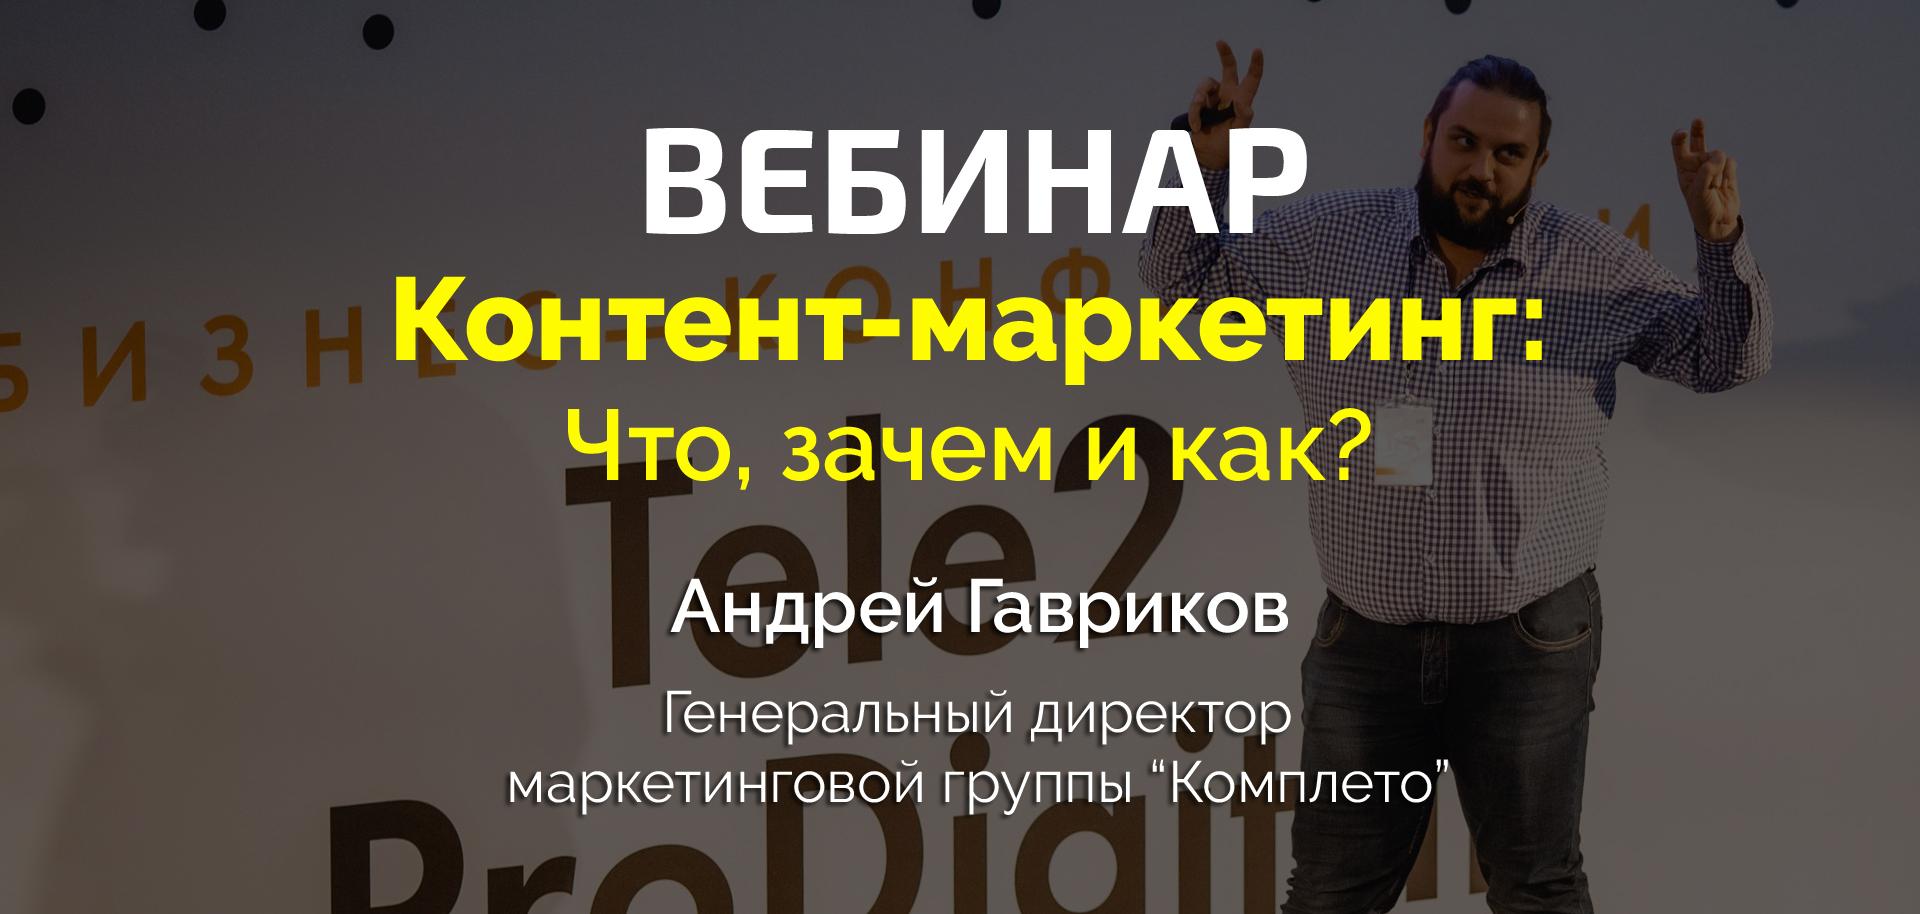 Бесплатный вебинар Контент-маркетинг — что, зачем и как? от Андрея Гаврикова - 7 февраля